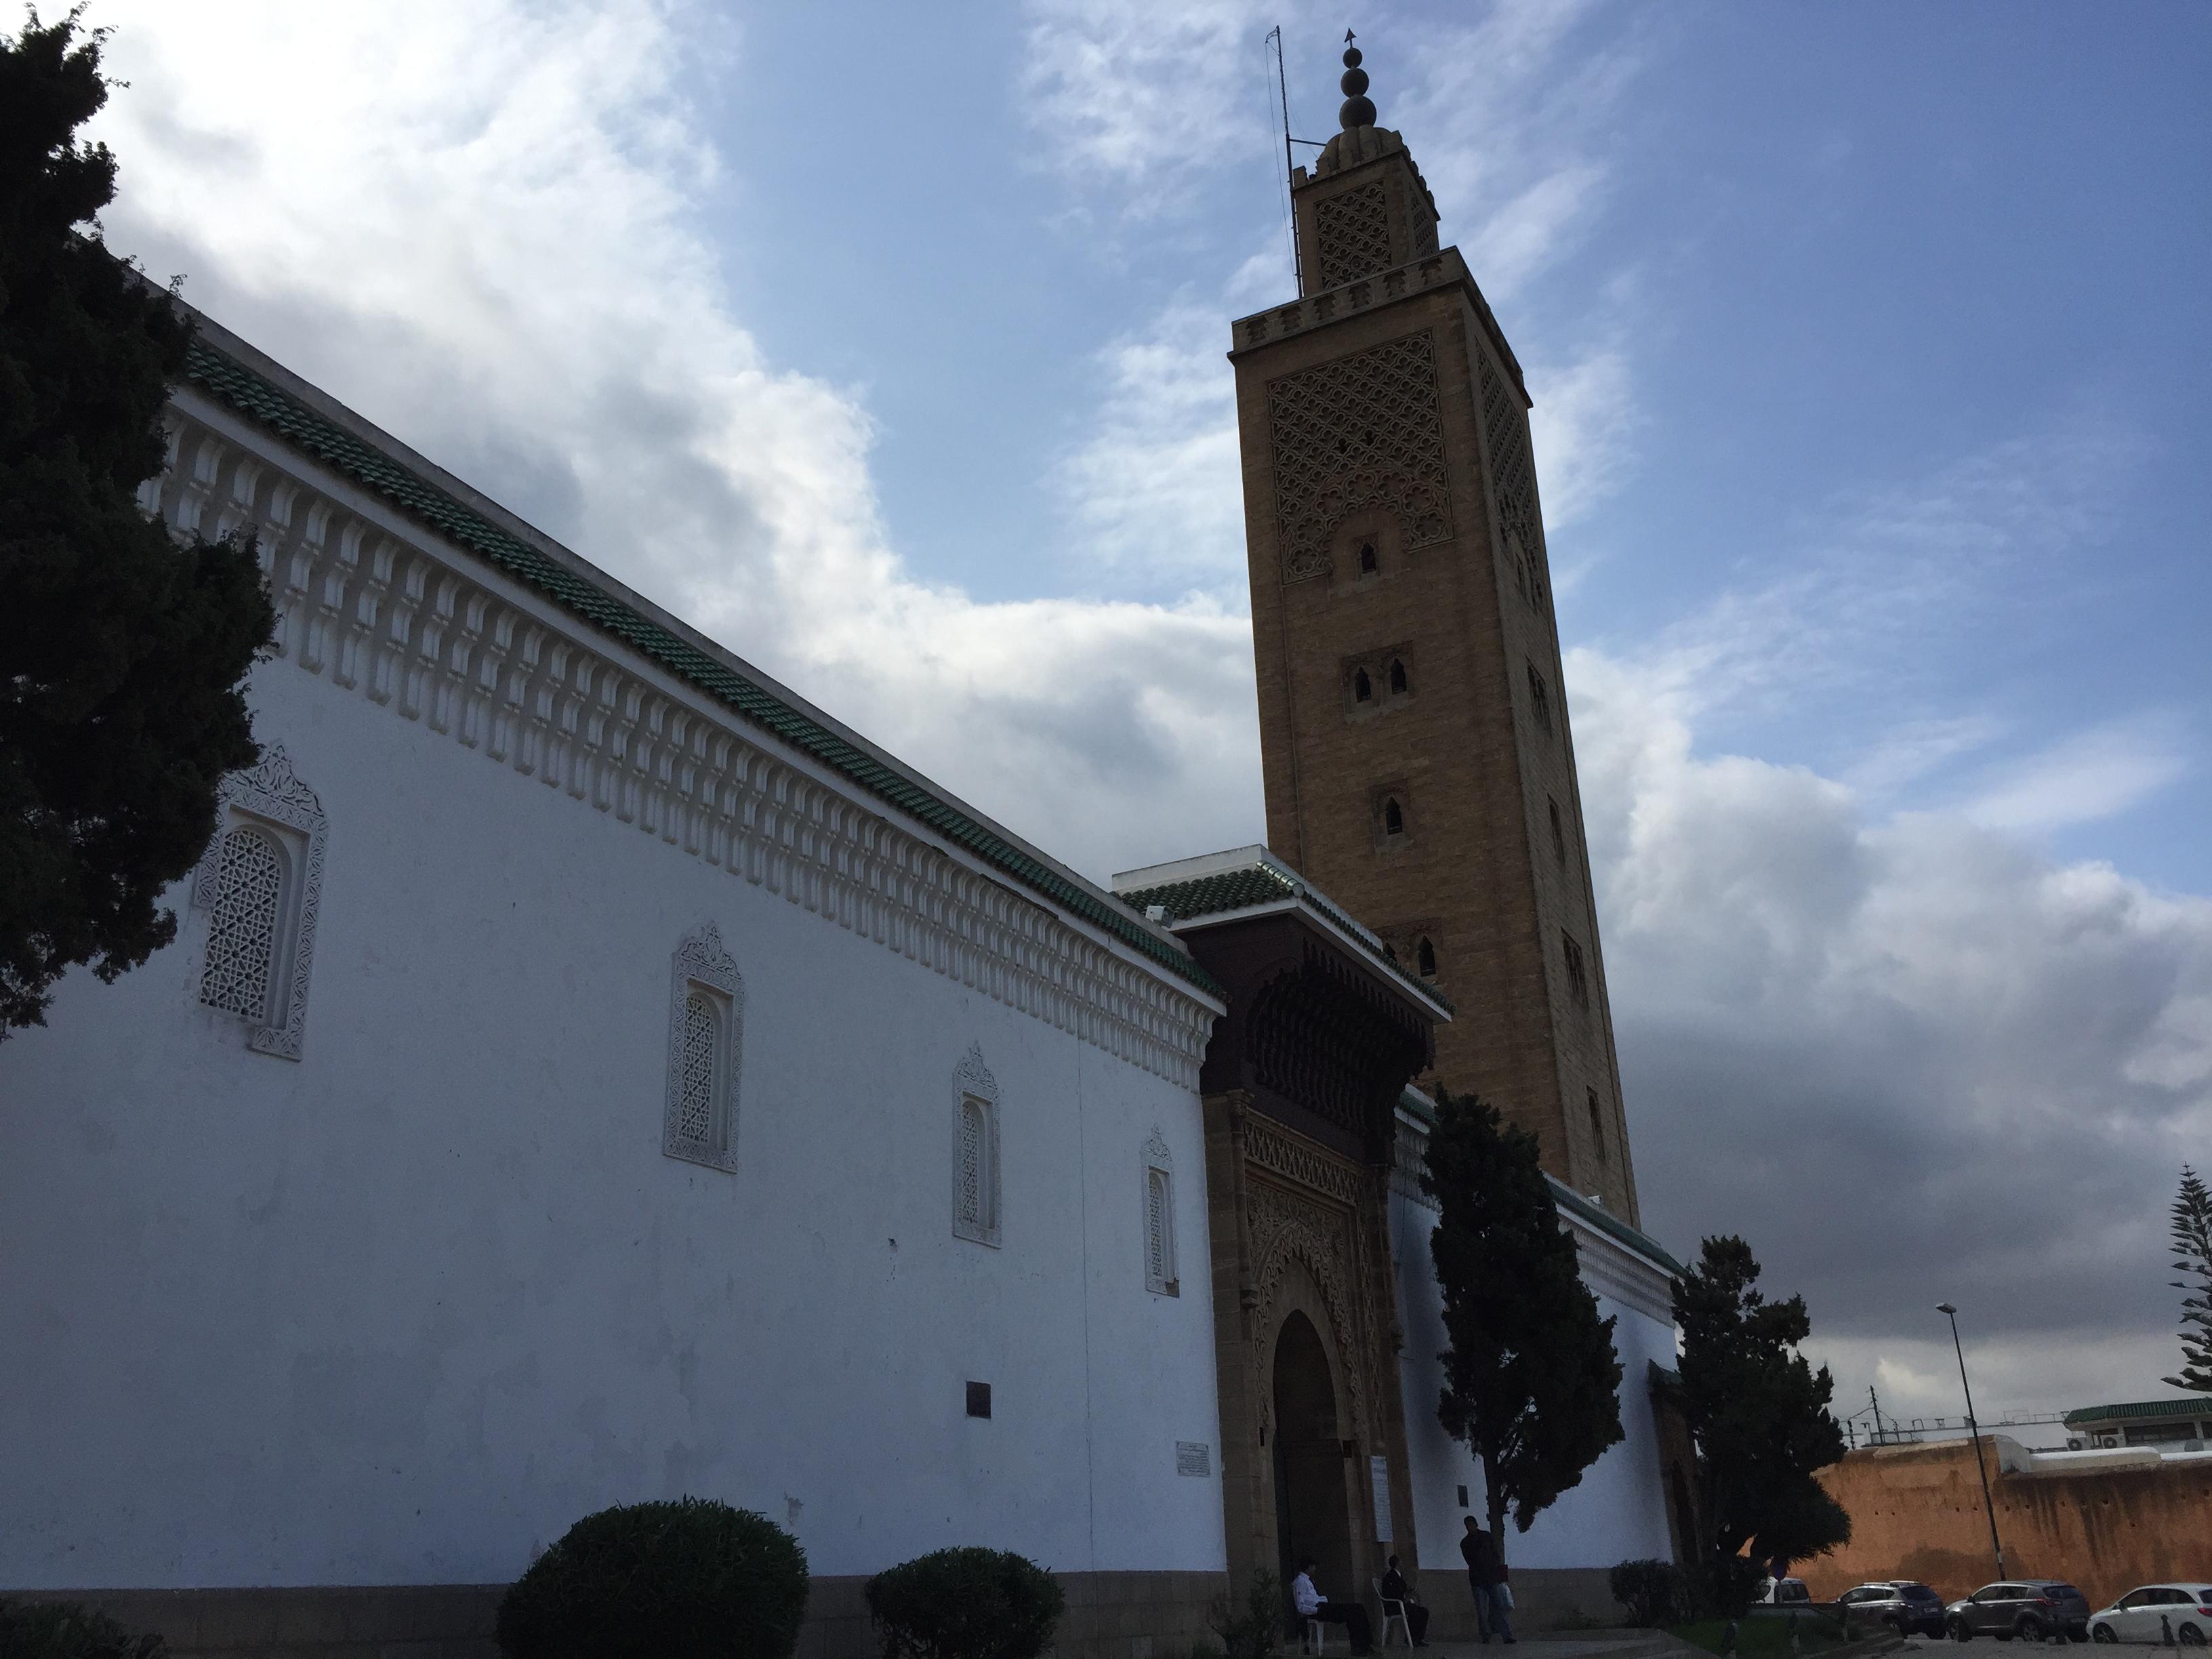 穆斯林国家,摩洛哥,阿拉伯,清真寺,切入点 细数穆斯林建筑,透视摩洛哥生活--《再济沧海》(75)